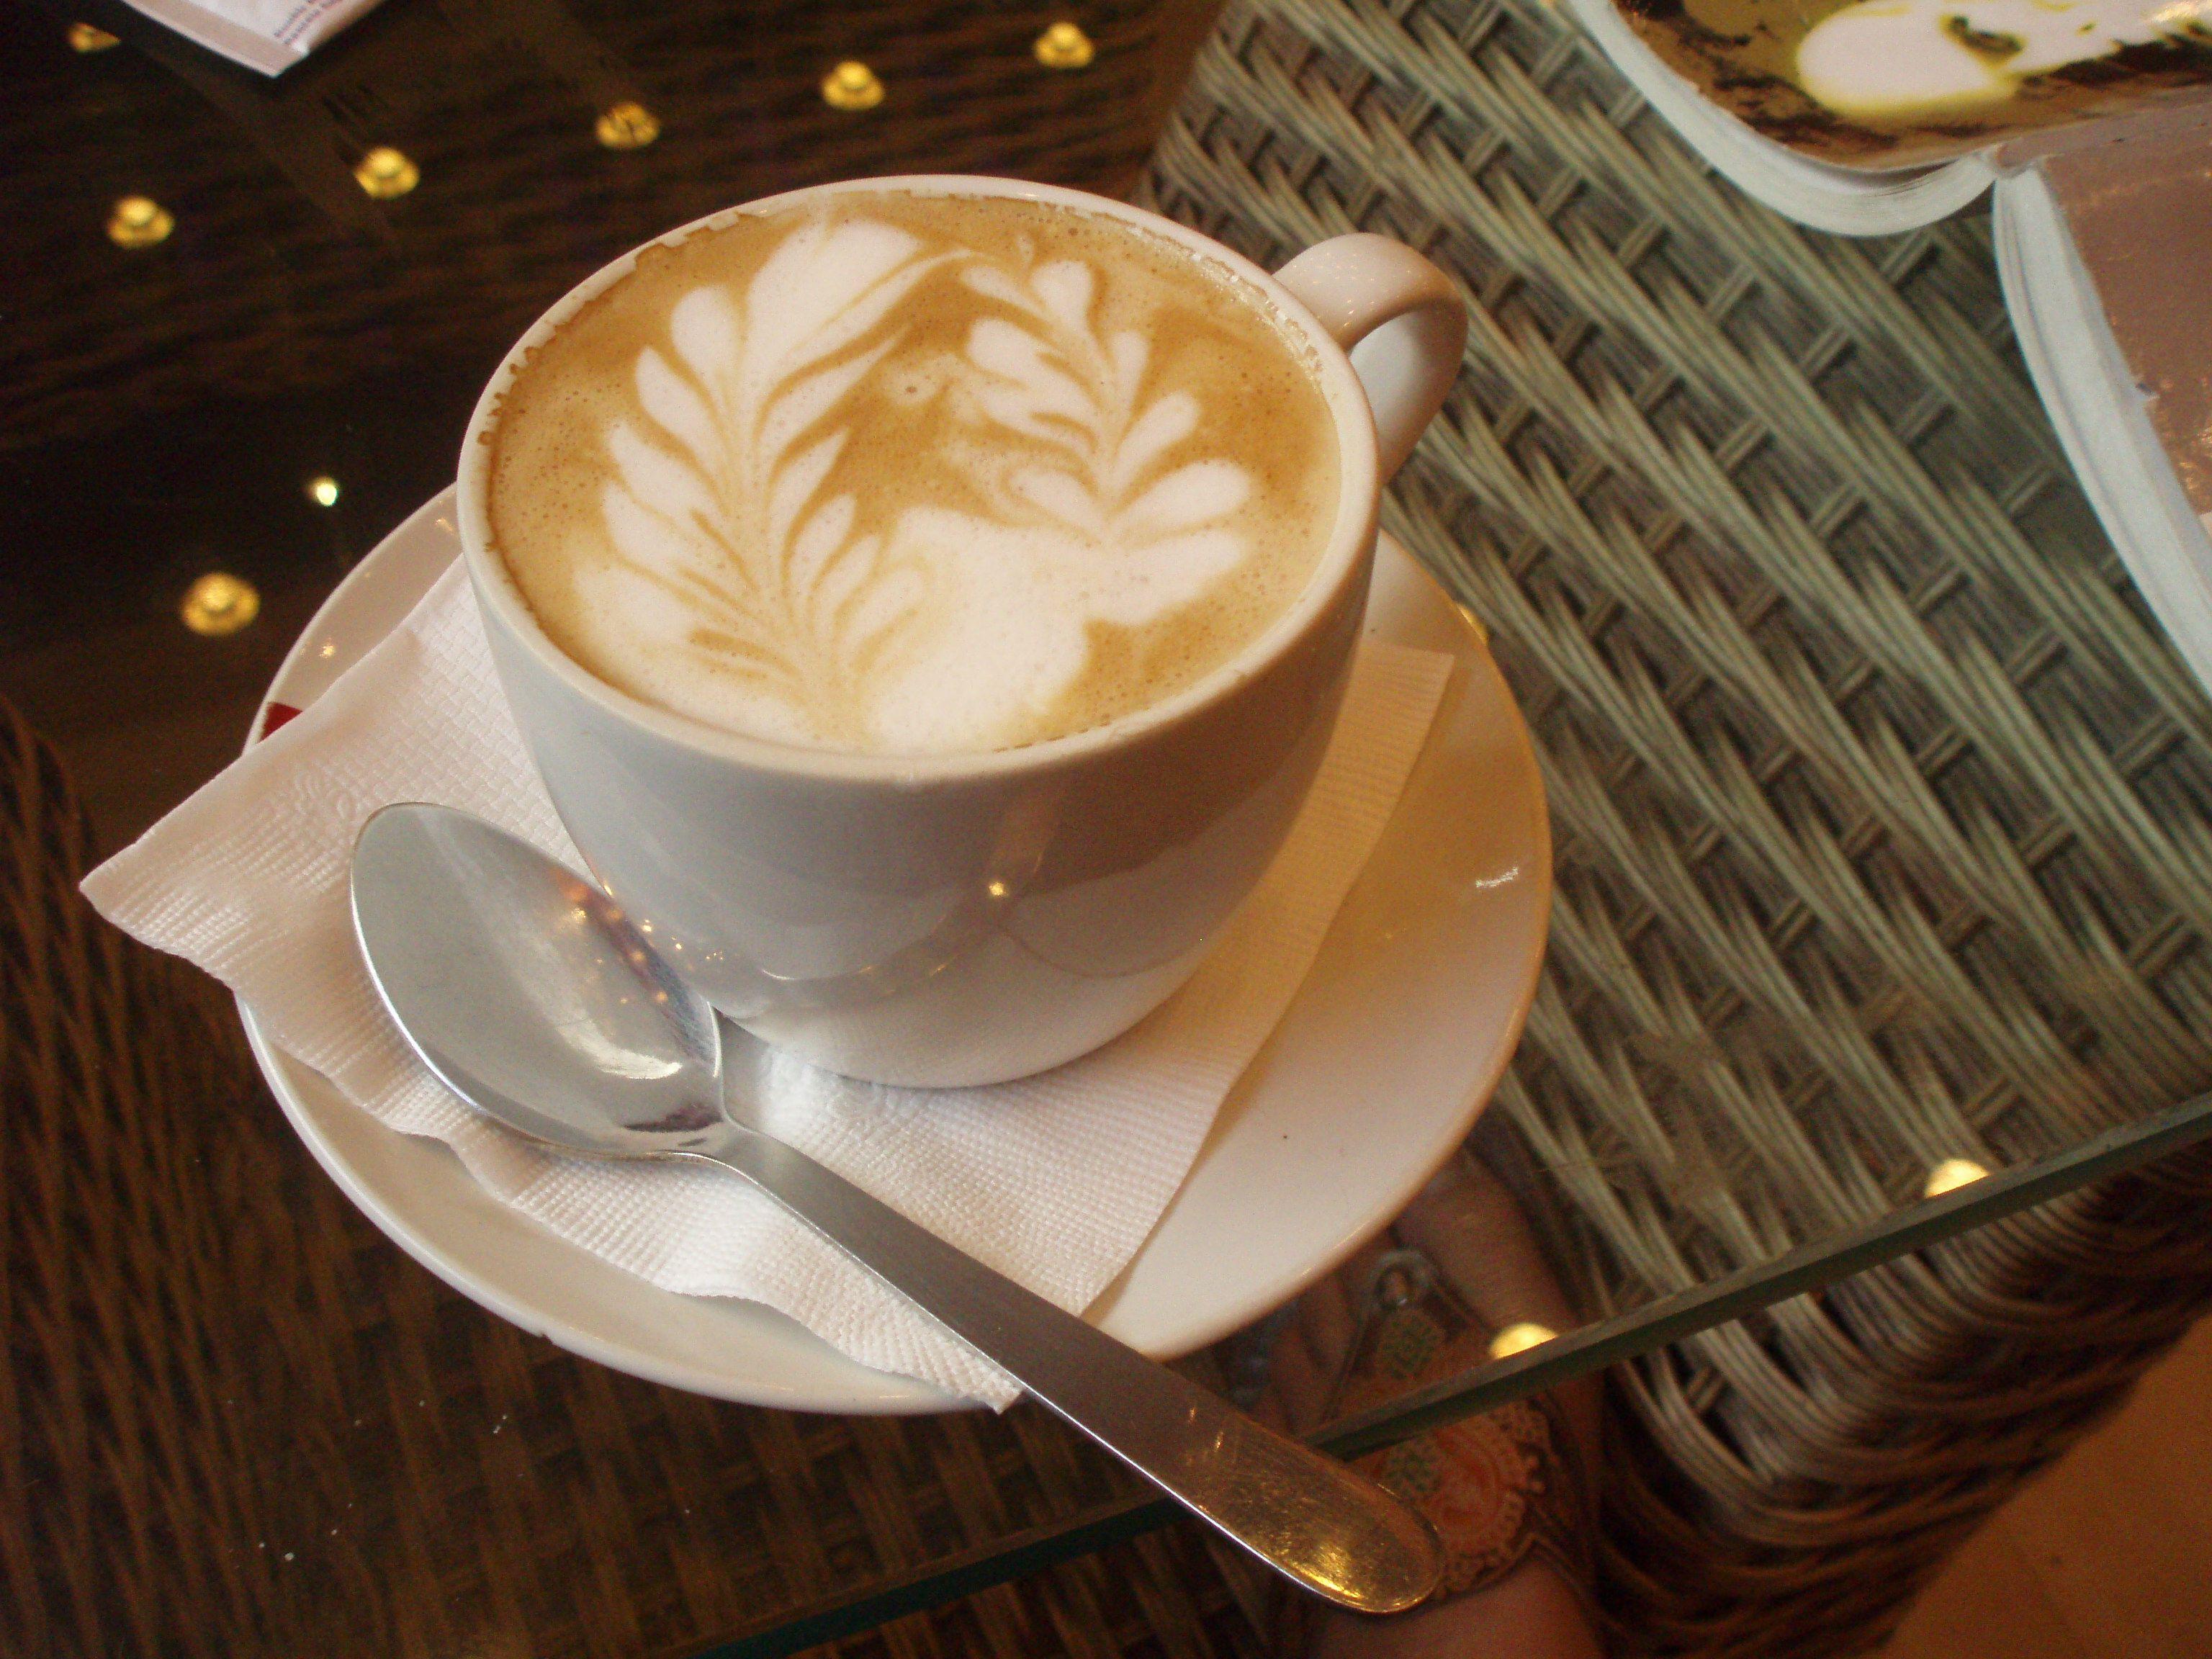 Rischio di diabete 2 ridotto con il caffè